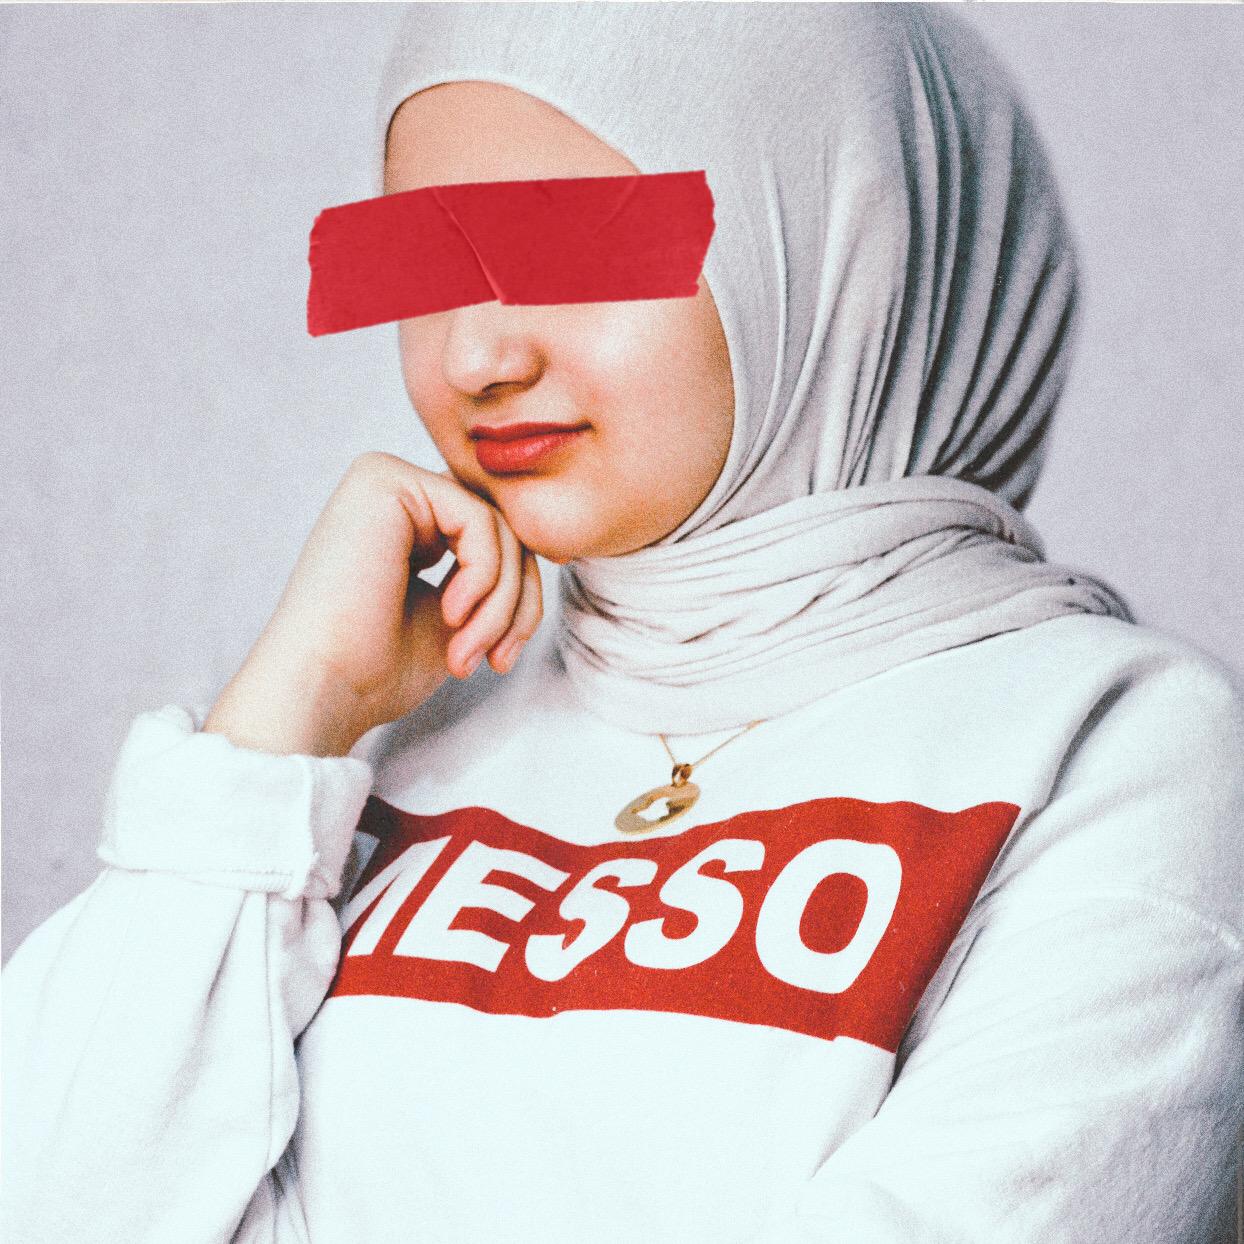 Messo [Iraqi citizen]